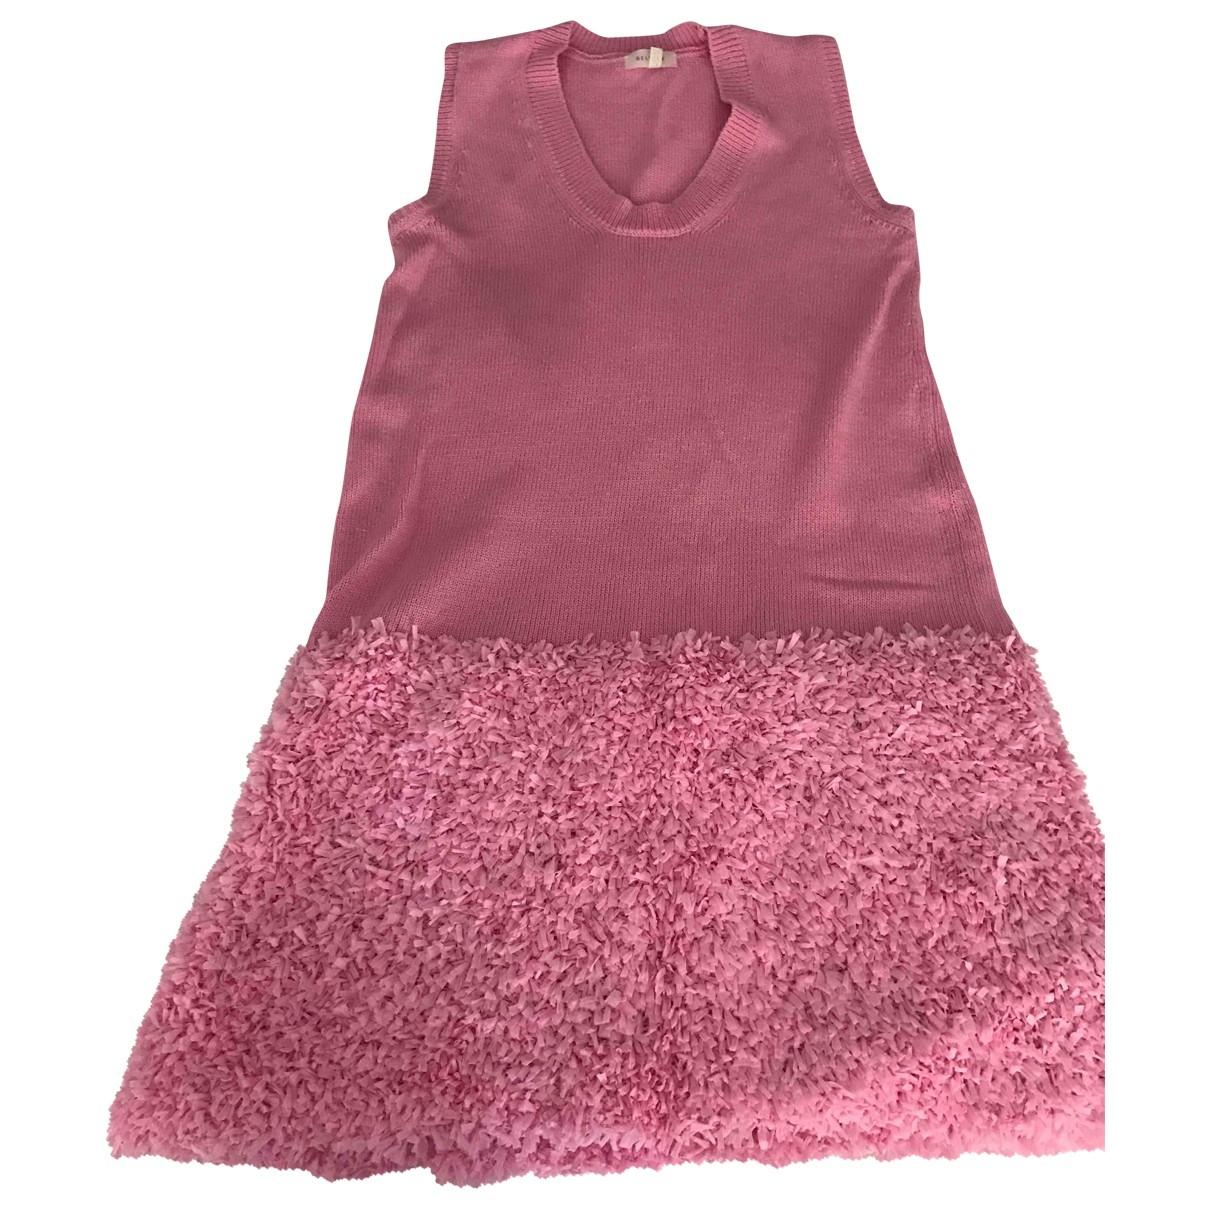 Delpozo \N Kleid in  Rosa Baumwolle